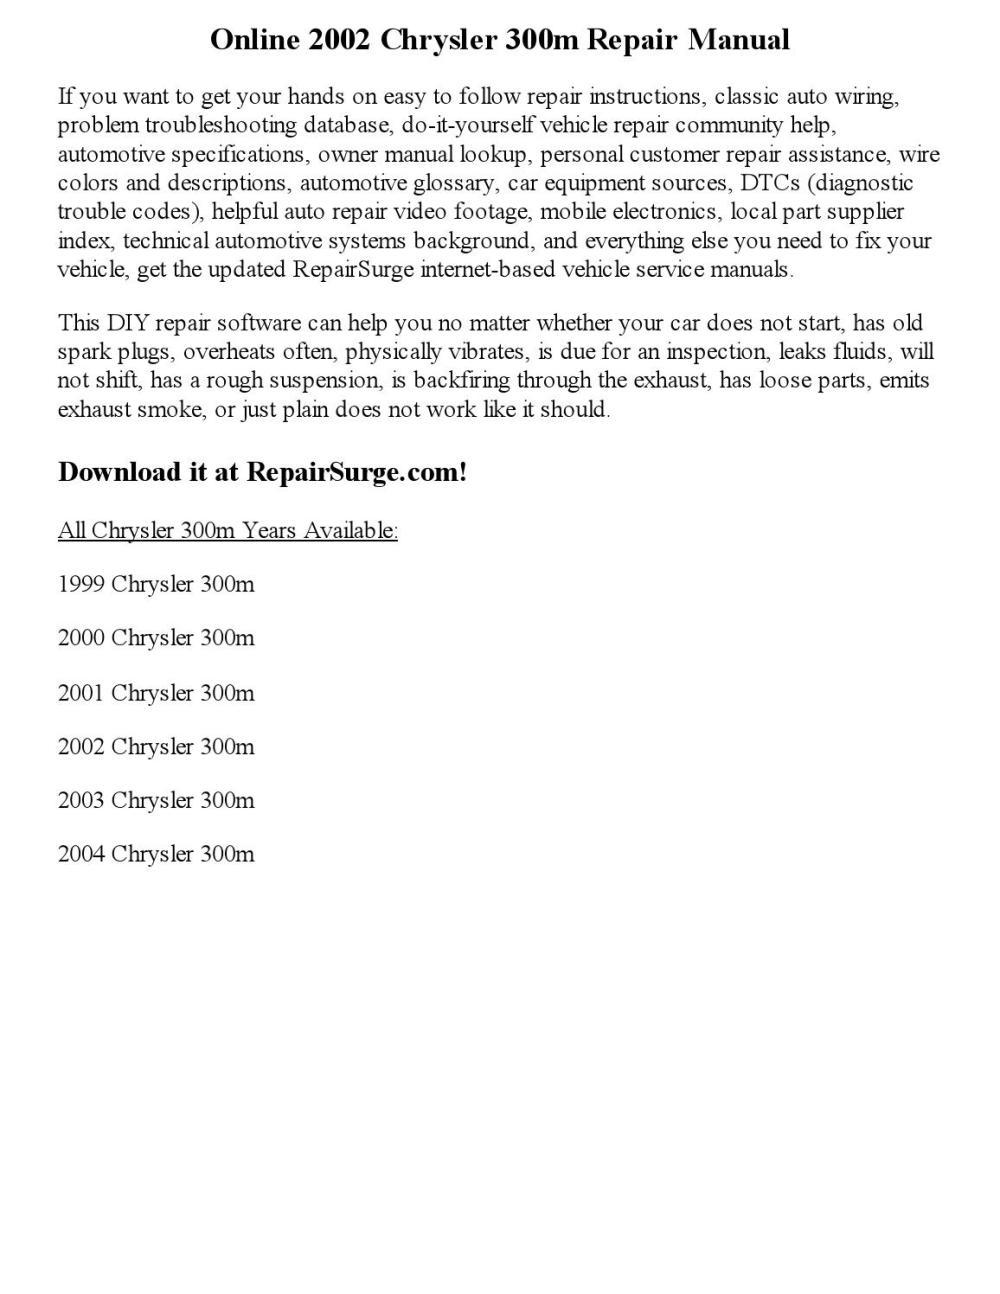 medium resolution of 2002 chrysler 300m repair manual online